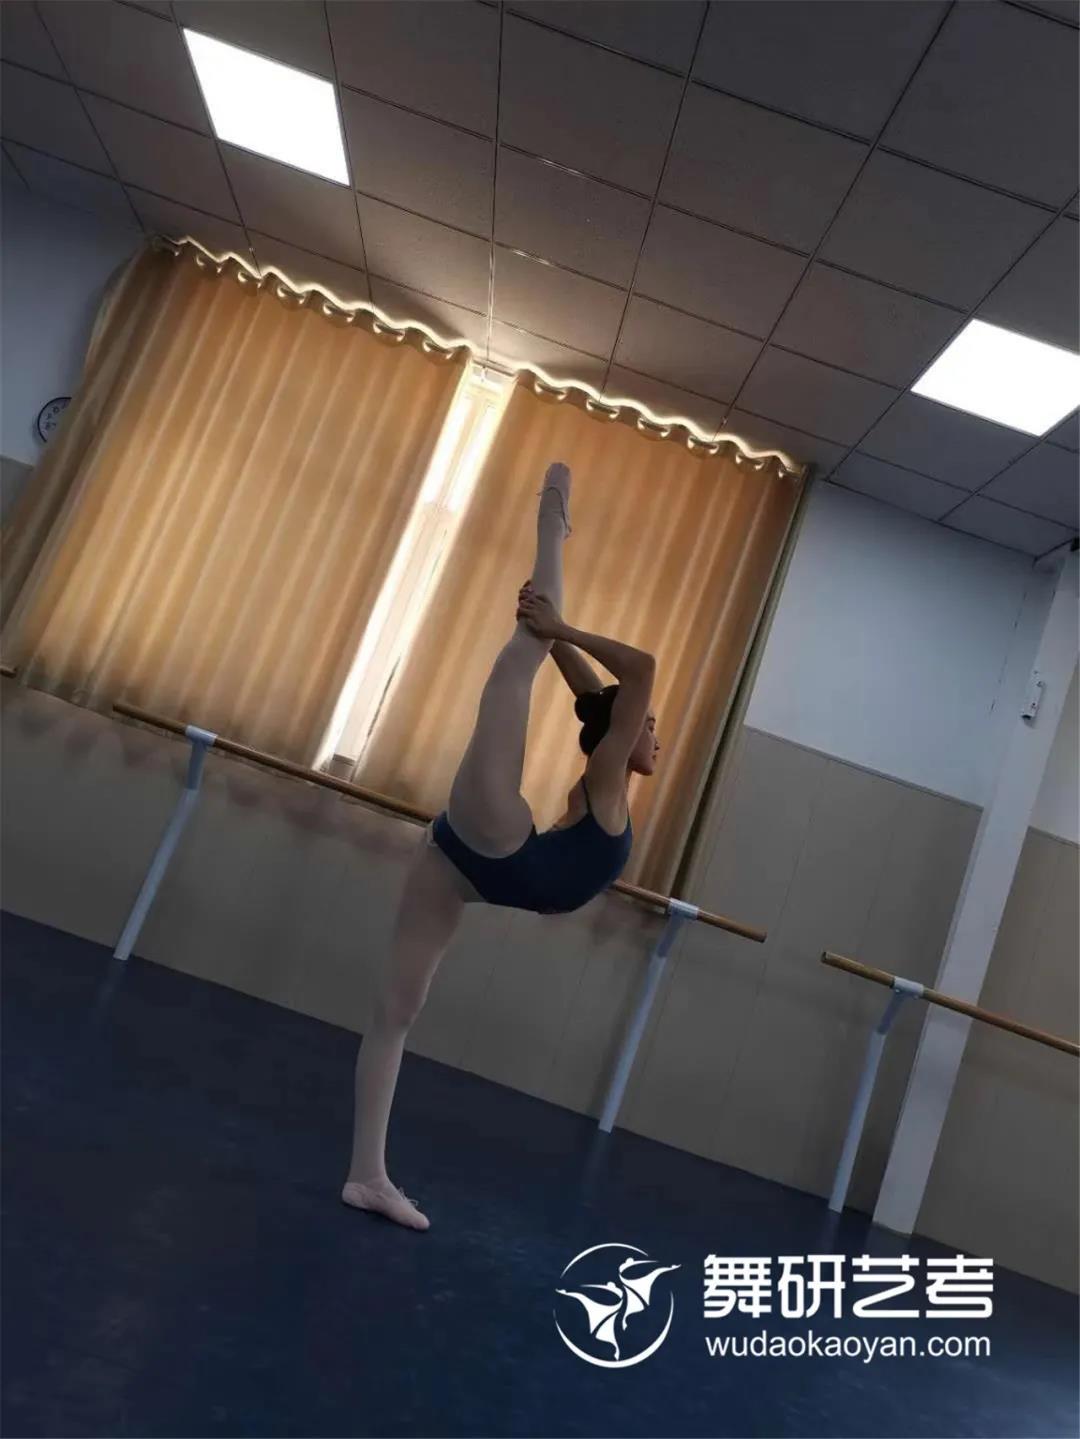 舞研河北学员故事丨她不光河北省考高分,还上榜北体、天音、沈音、武音!坚持、勇敢和全力以赴,是她在舞蹈艺考之路上最大的收获!